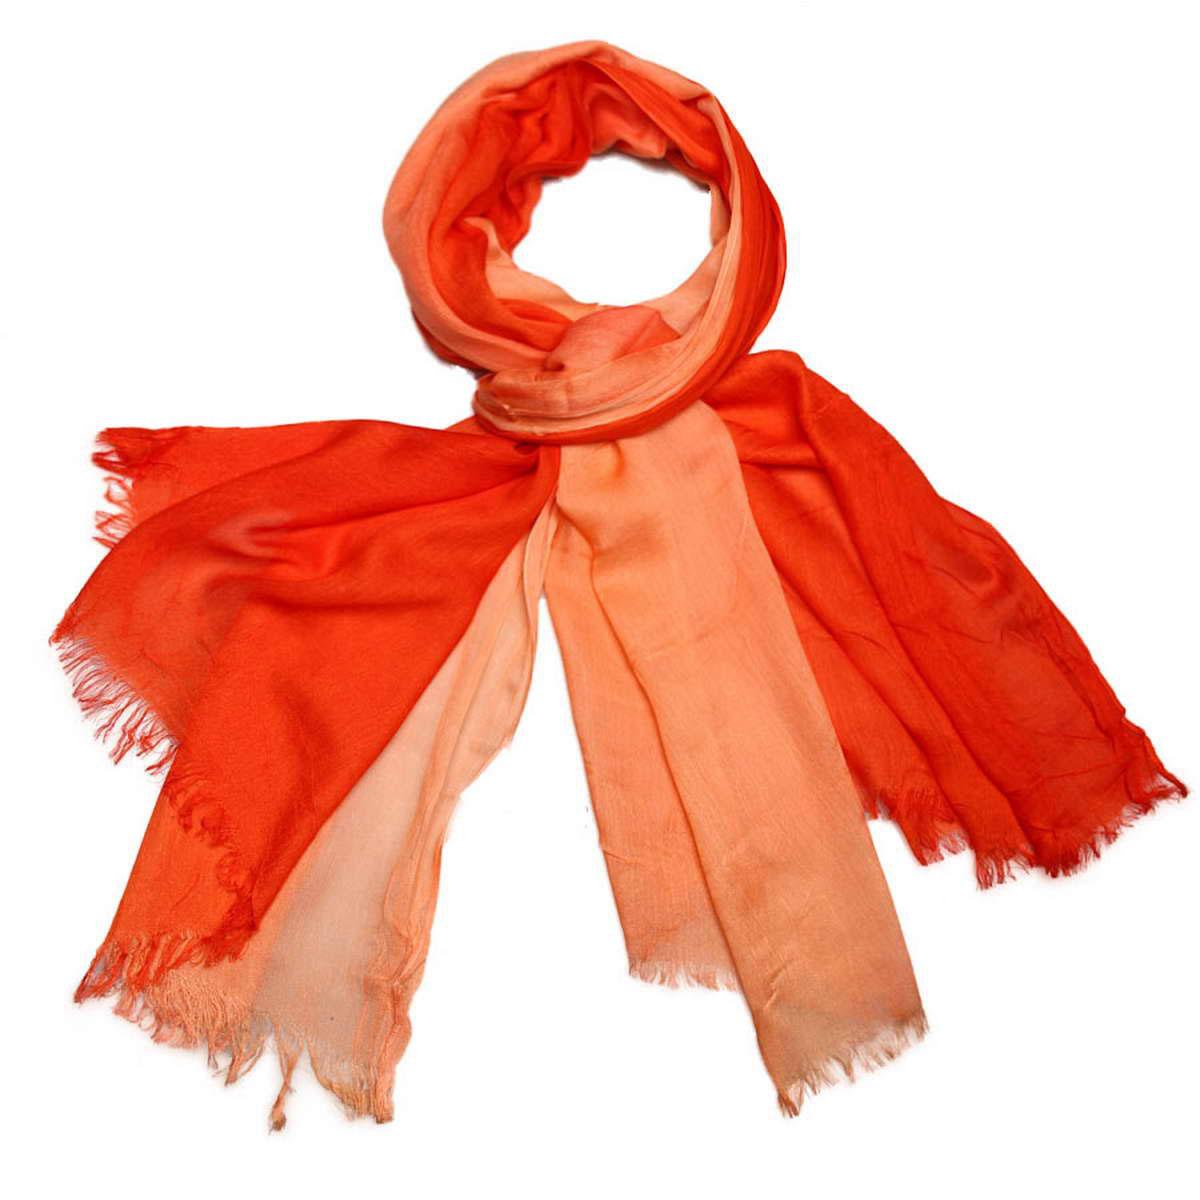 Палантин женский Venera, цвет: персиковый. 3415401-18. Размер 70 см х 180 см3415401-18Элегантный женский палантин Venera изготовлен из вискозы и шелка. Палантин имеет отличное качество и приятную текстуру материала, он подарит настоящий комфорт при носке, а большие размеры позволят согреться в прохладную погоду.Изделие оформлено двухцветной гаммой и небольшой бахромой по краям.Этот модный аксессуар женского гардероба гармонично дополнит образ современной женщины, следящей за своим имиджем и стремящейся всегда оставаться стильной и утонченной. В этом палантине вы всегда будете выглядеть женственной и привлекательной.